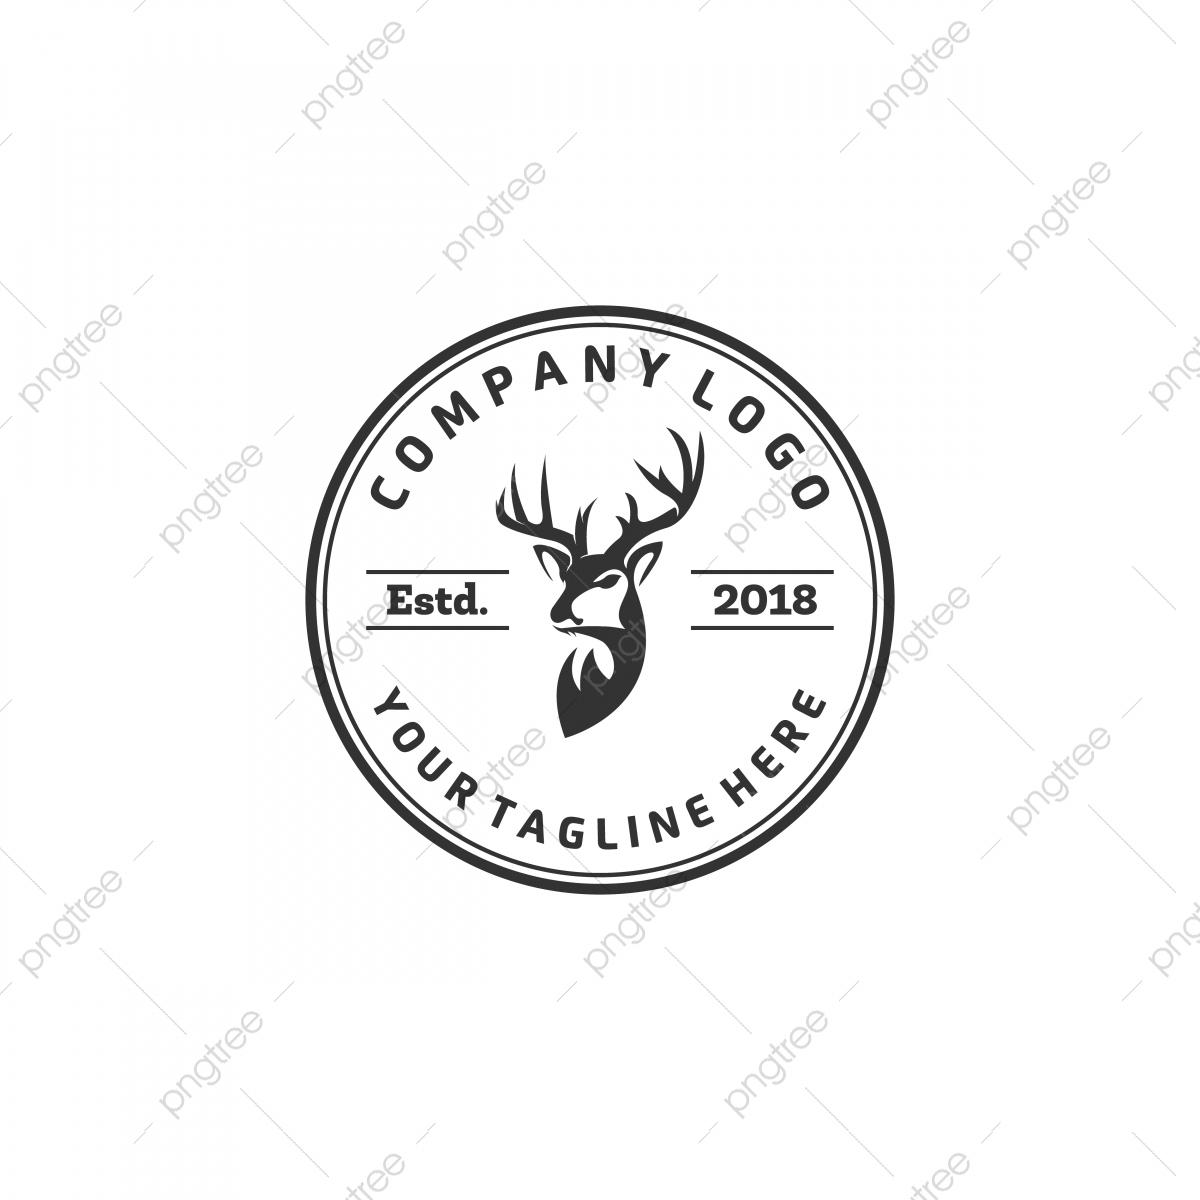 شعار نادي الصيد تصاميم شعار الغزلان البرية حيوان قرن الوعل